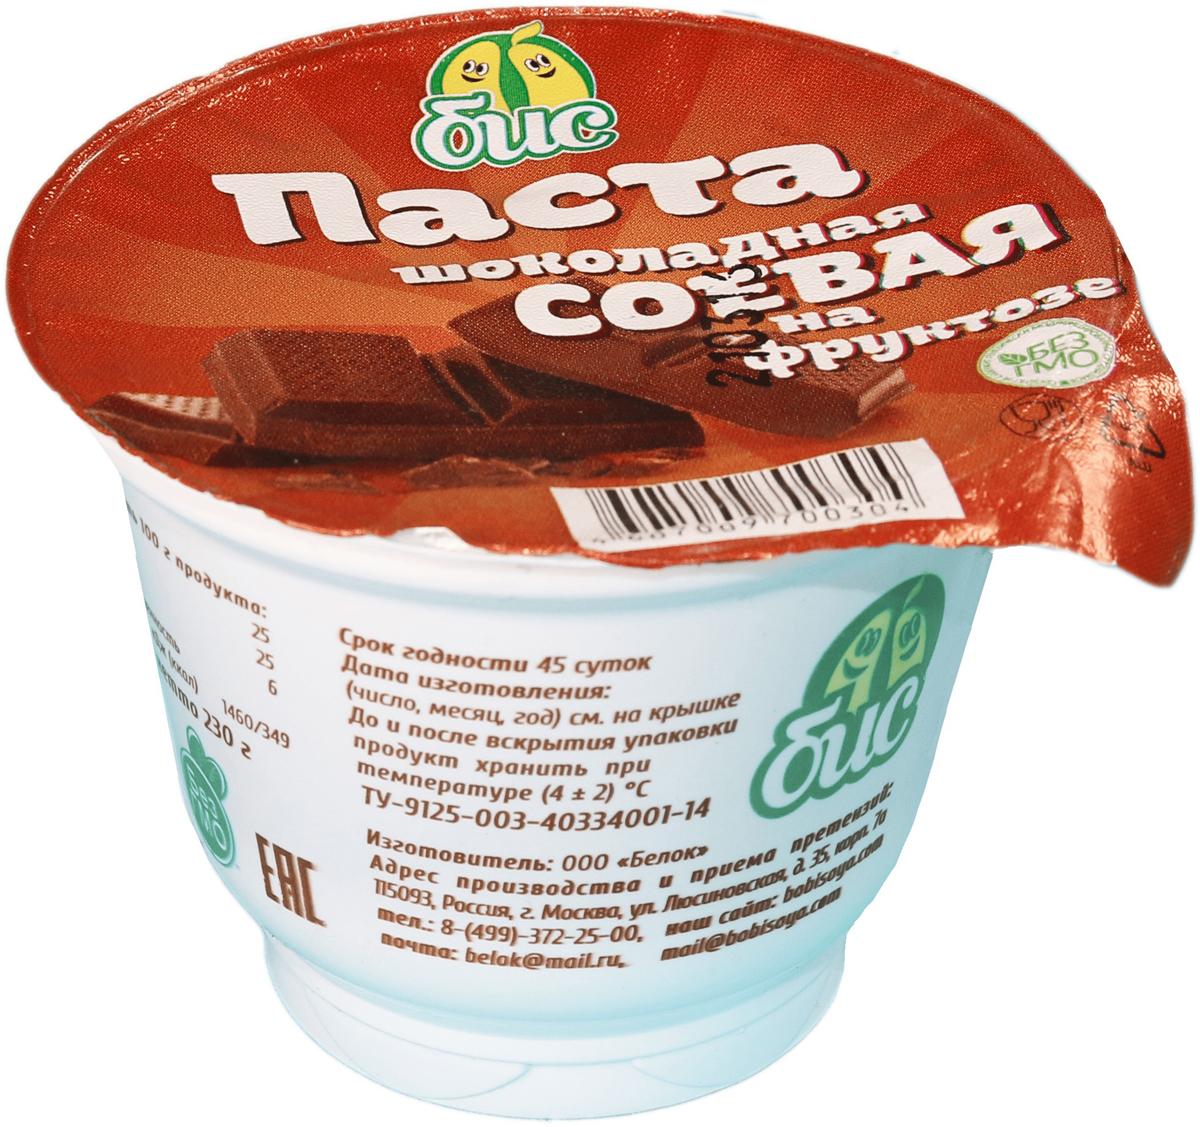 Боб и Соя Шоколадная паста соевая на фруктозе 25%, 230 г